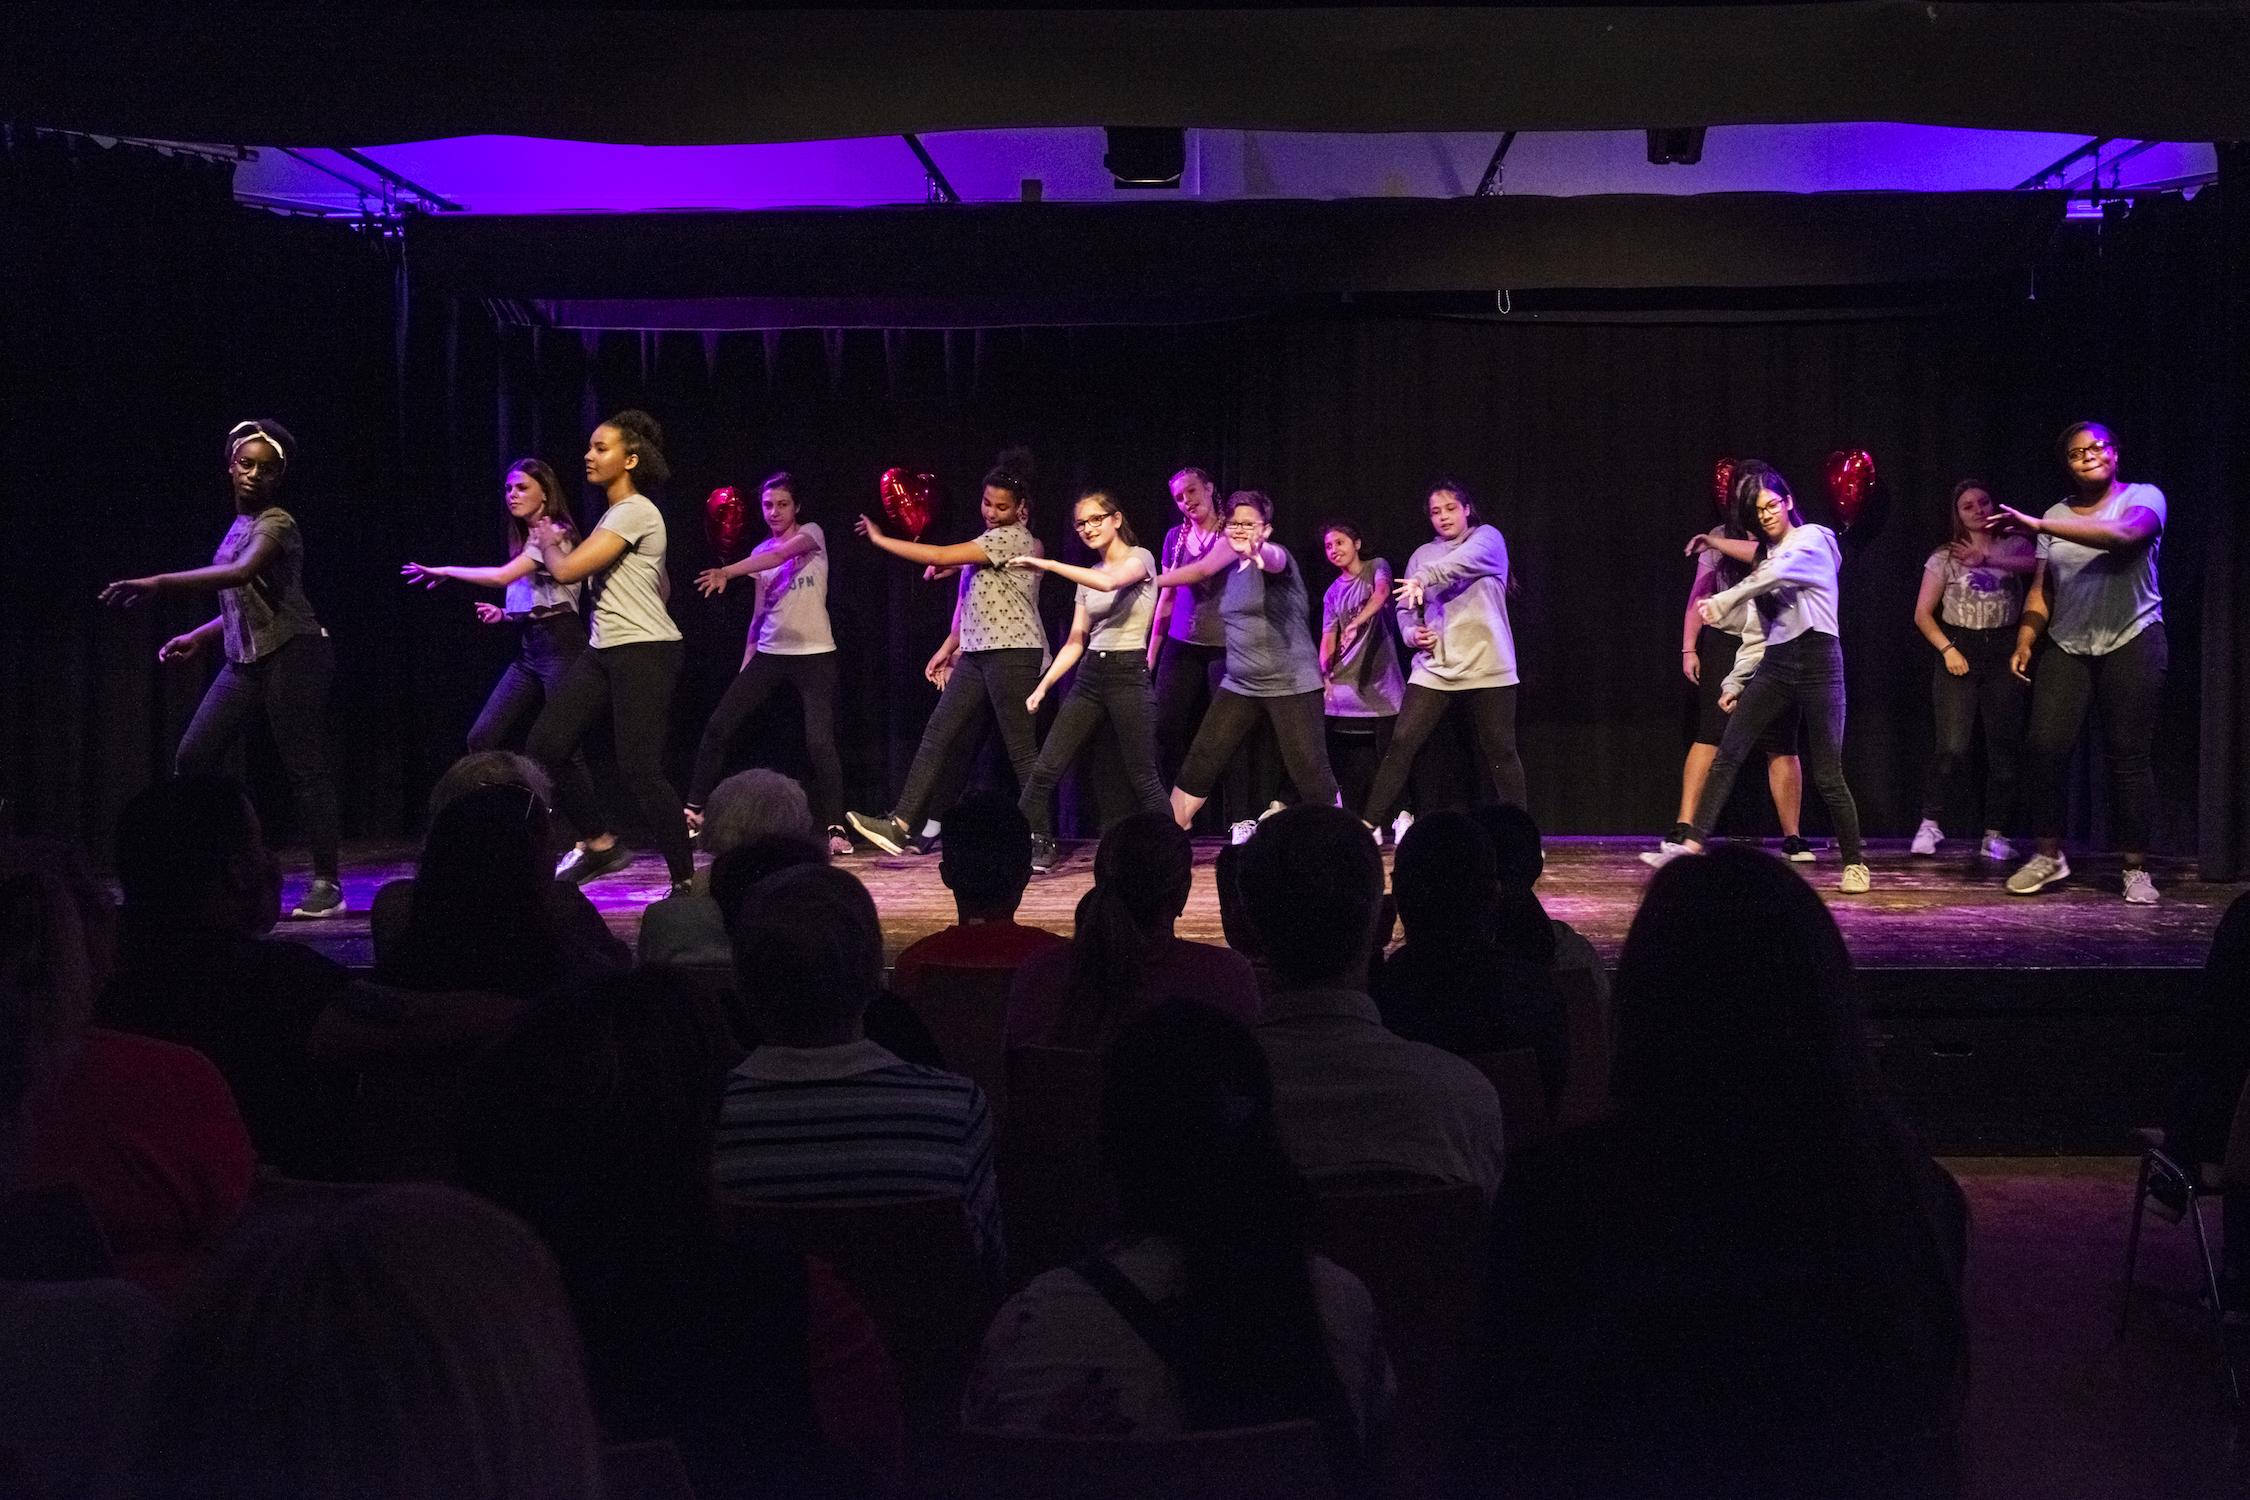 Die Jenkitos auf der Bühne, Foto: Dörte Ebermann